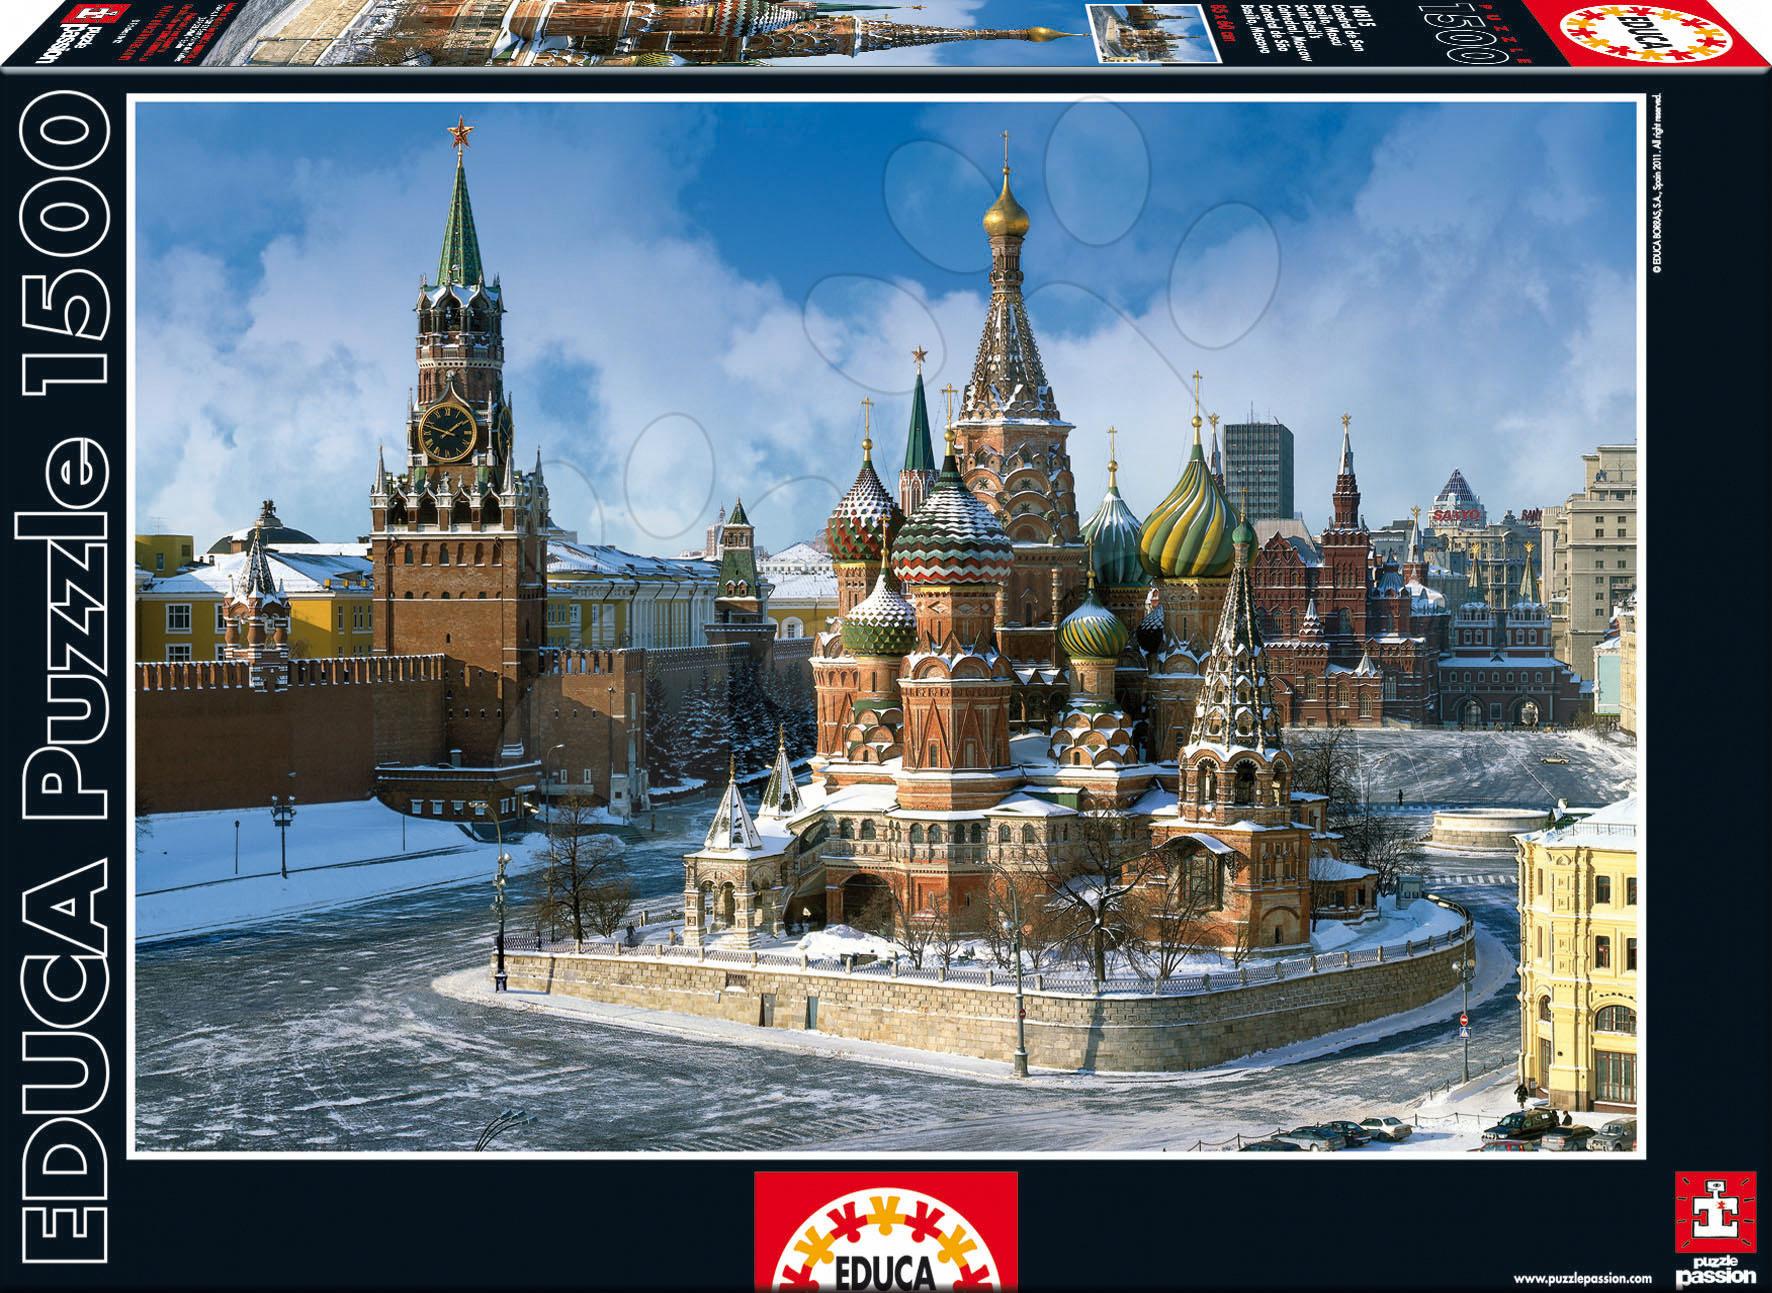 Régi termékek - Puzzle - Moszkva: Szent Basil Székesegyház Educa 1500 db + Fix Puzzle ragasztó